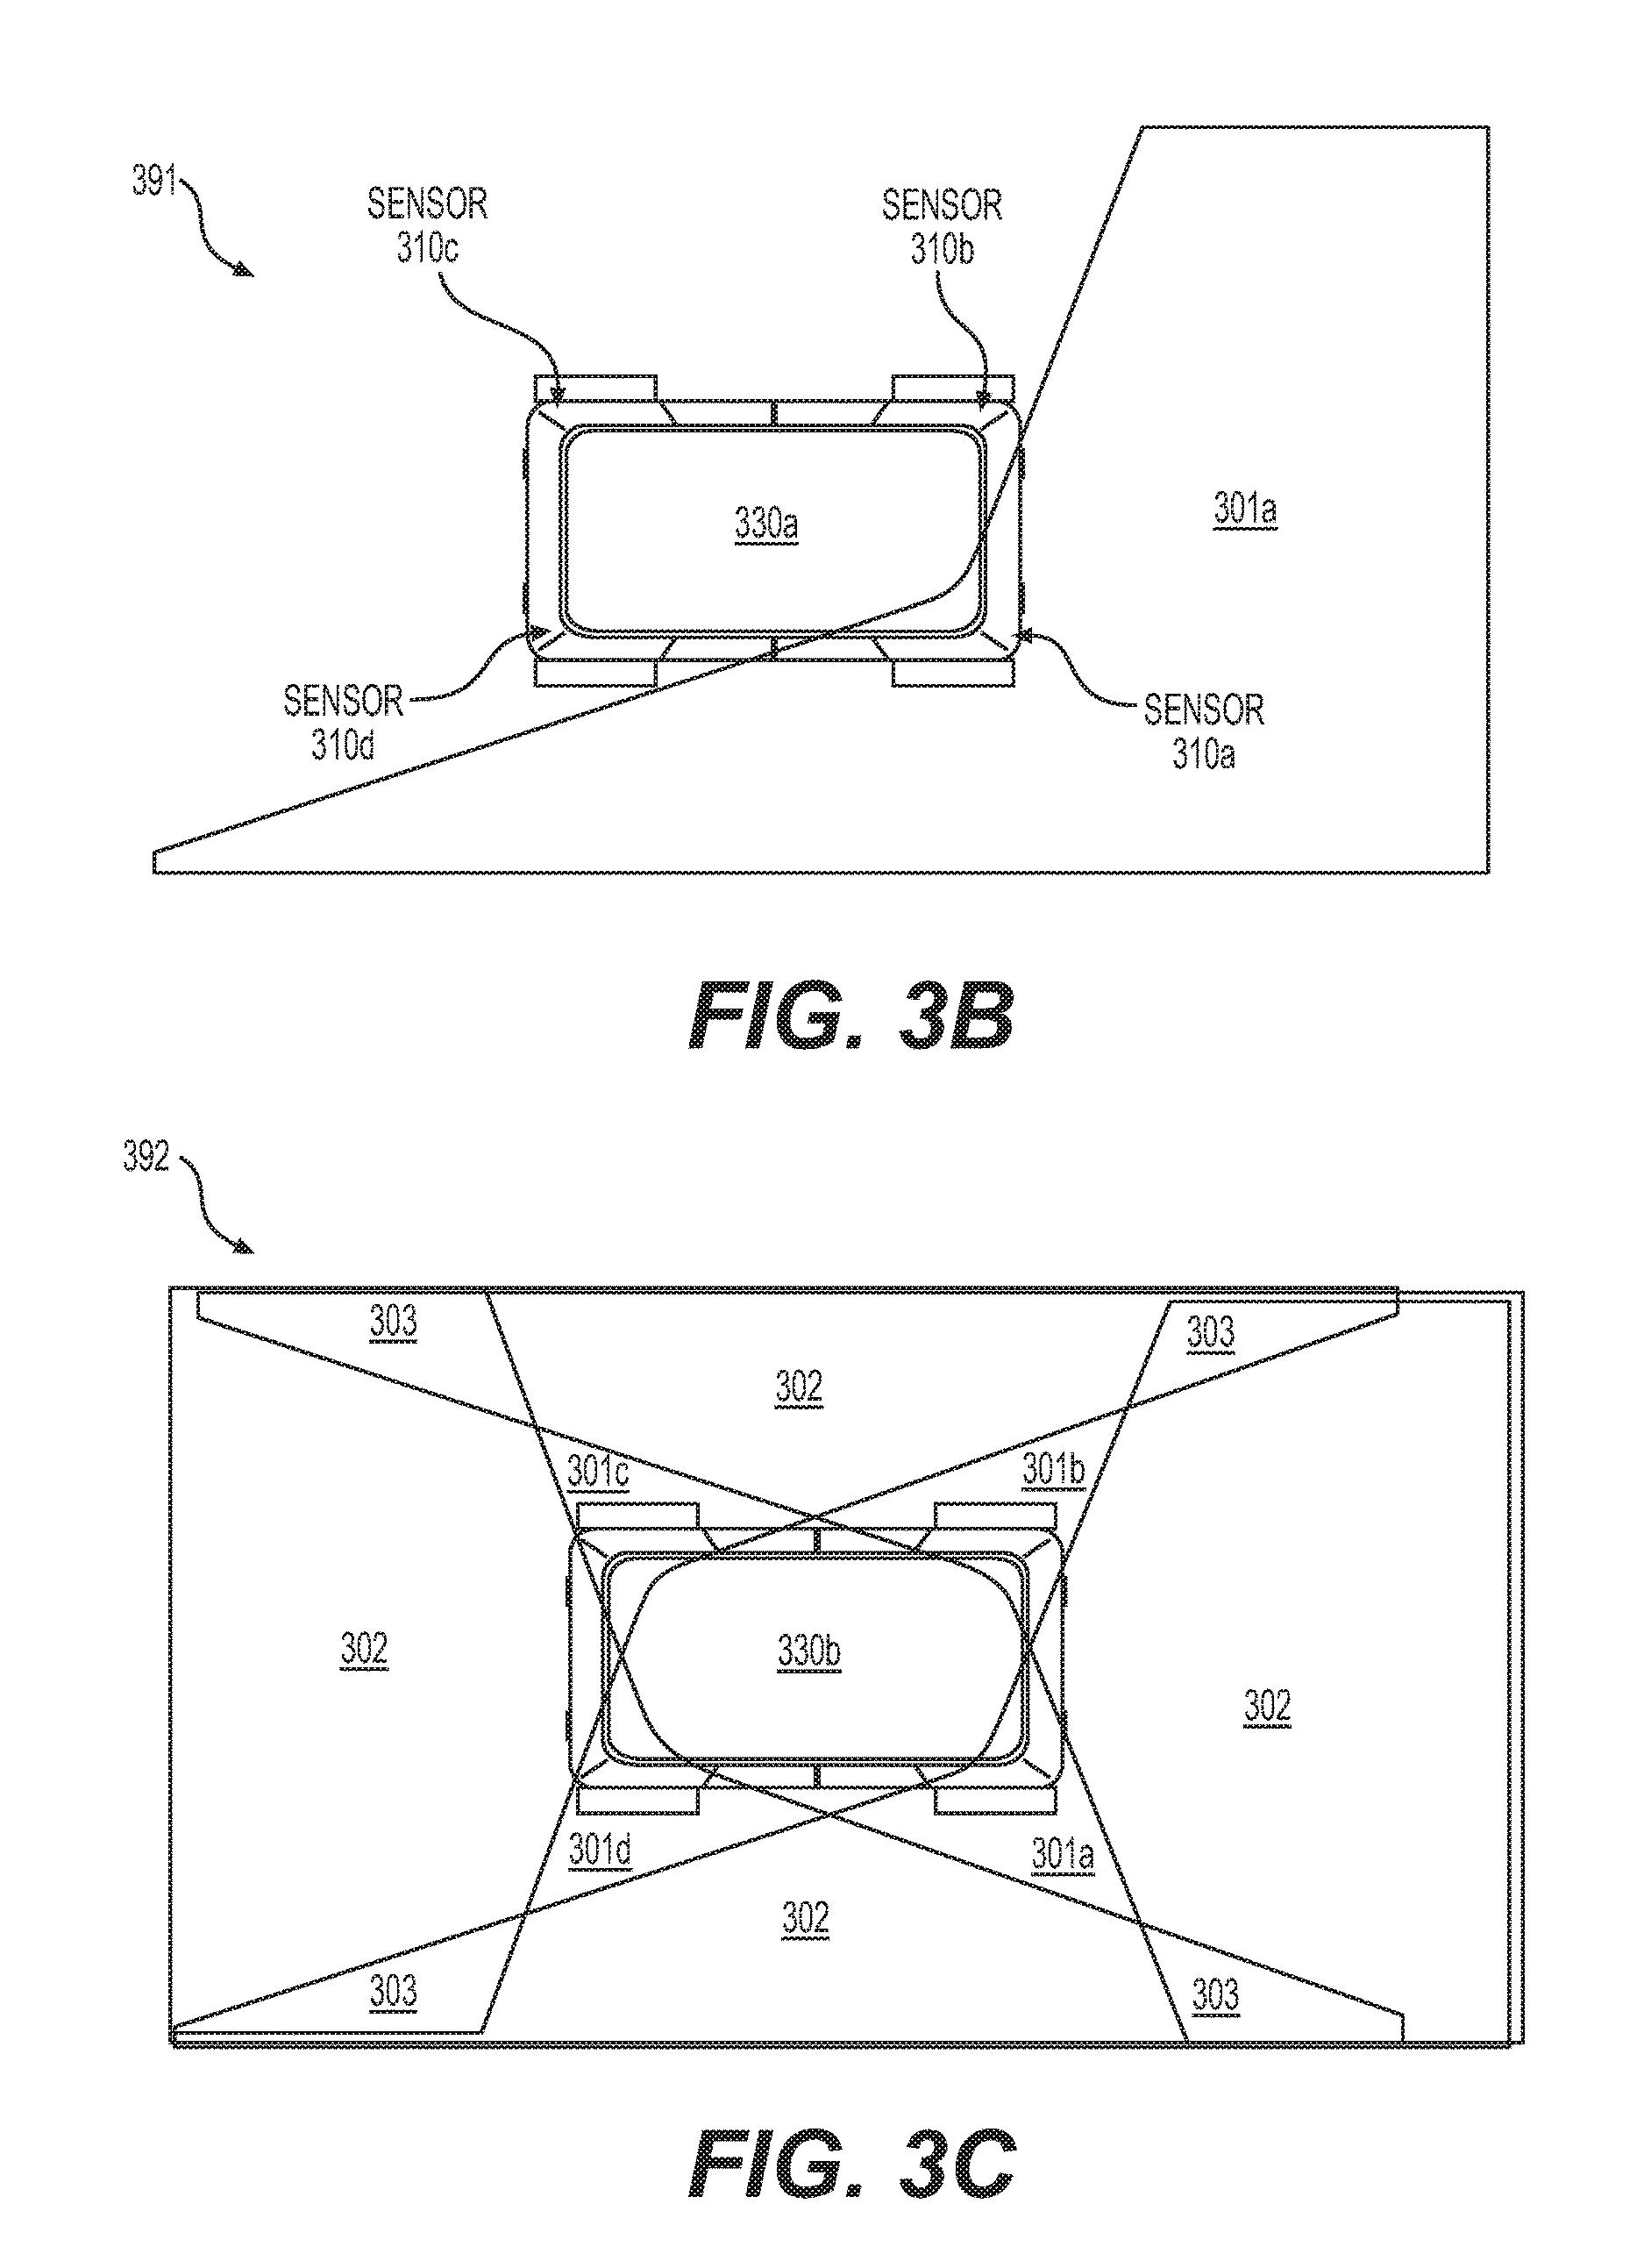 patent us 9 720 415 b2 Book Diagram patent